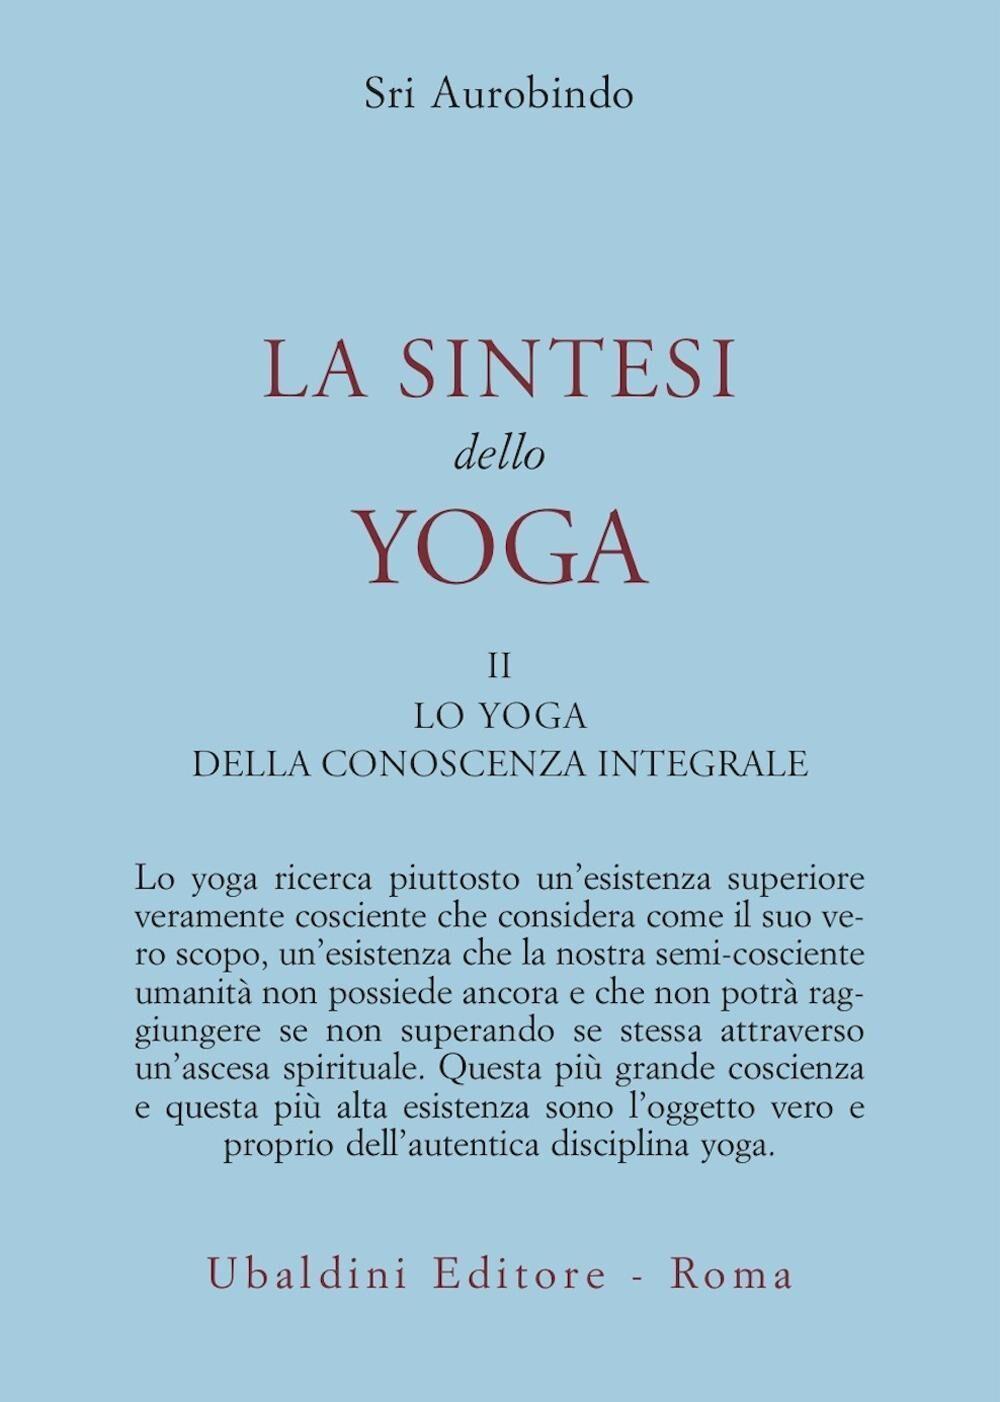 La sintesi dello yoga. Vol. 2